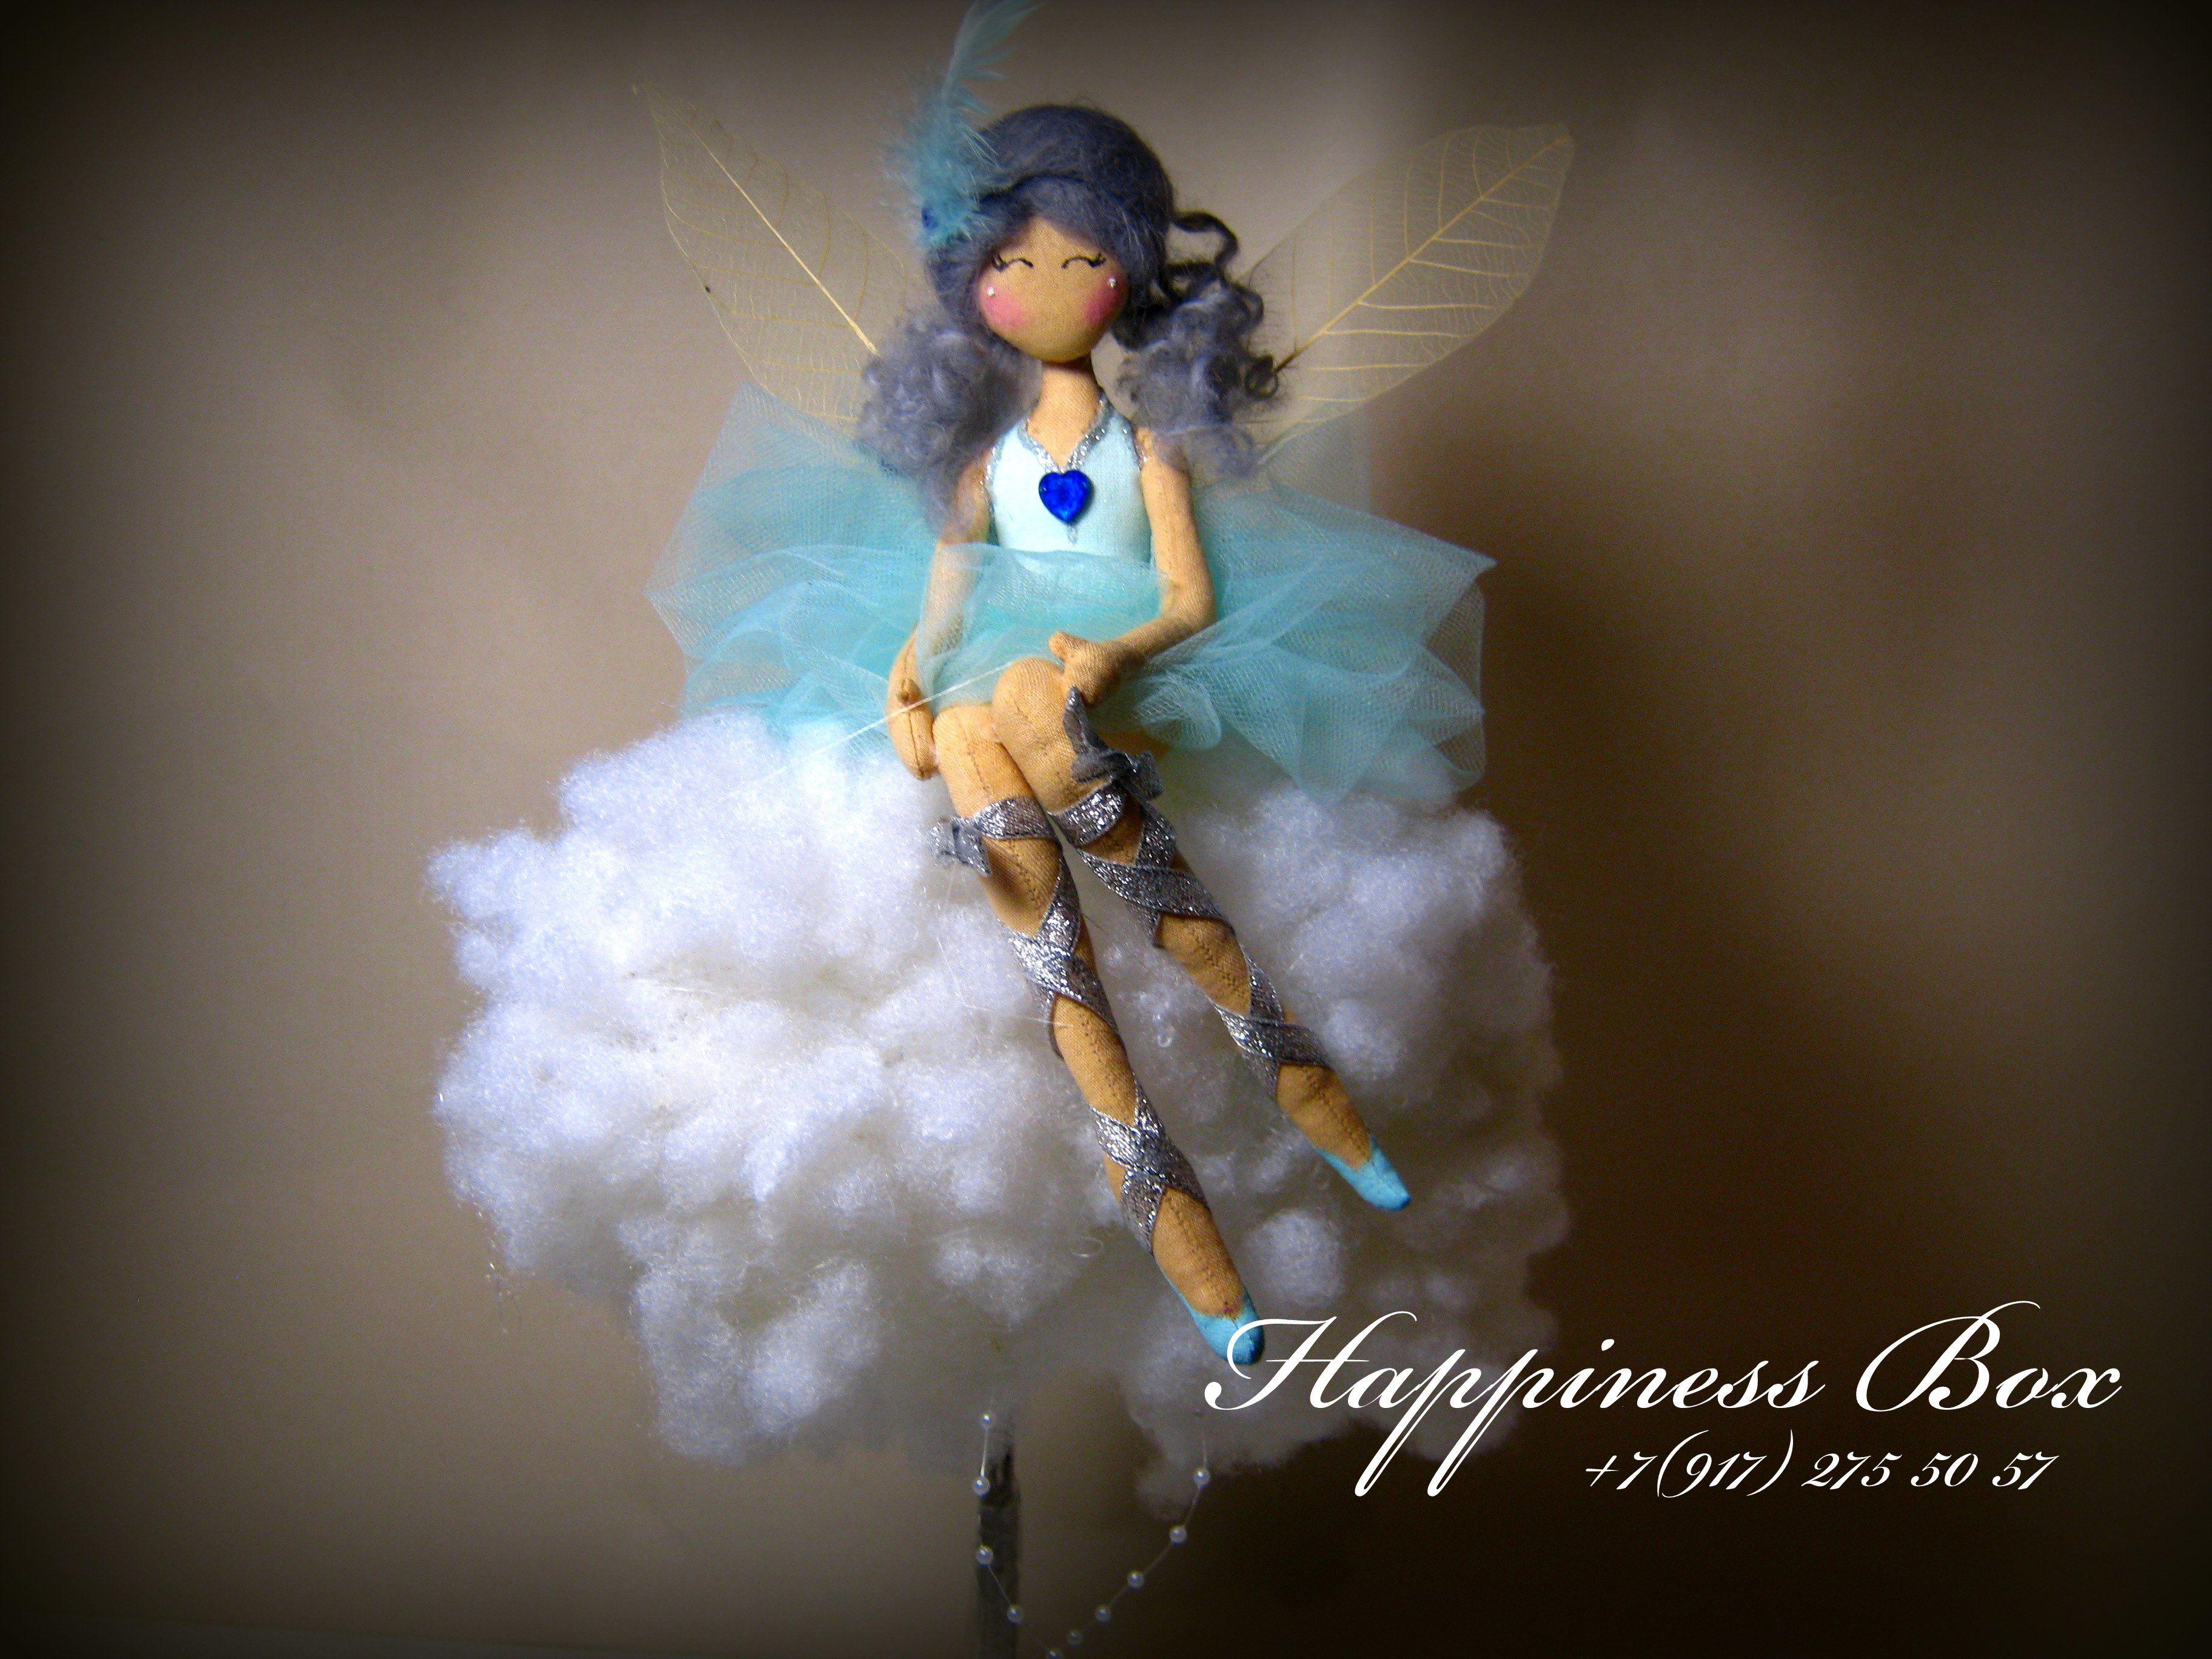 коллекционные нимфа облачная тряпиенс тряпиенсы феи маслова елена фея лесная куклы цветочная happinessbox текстильные барби интерьерные